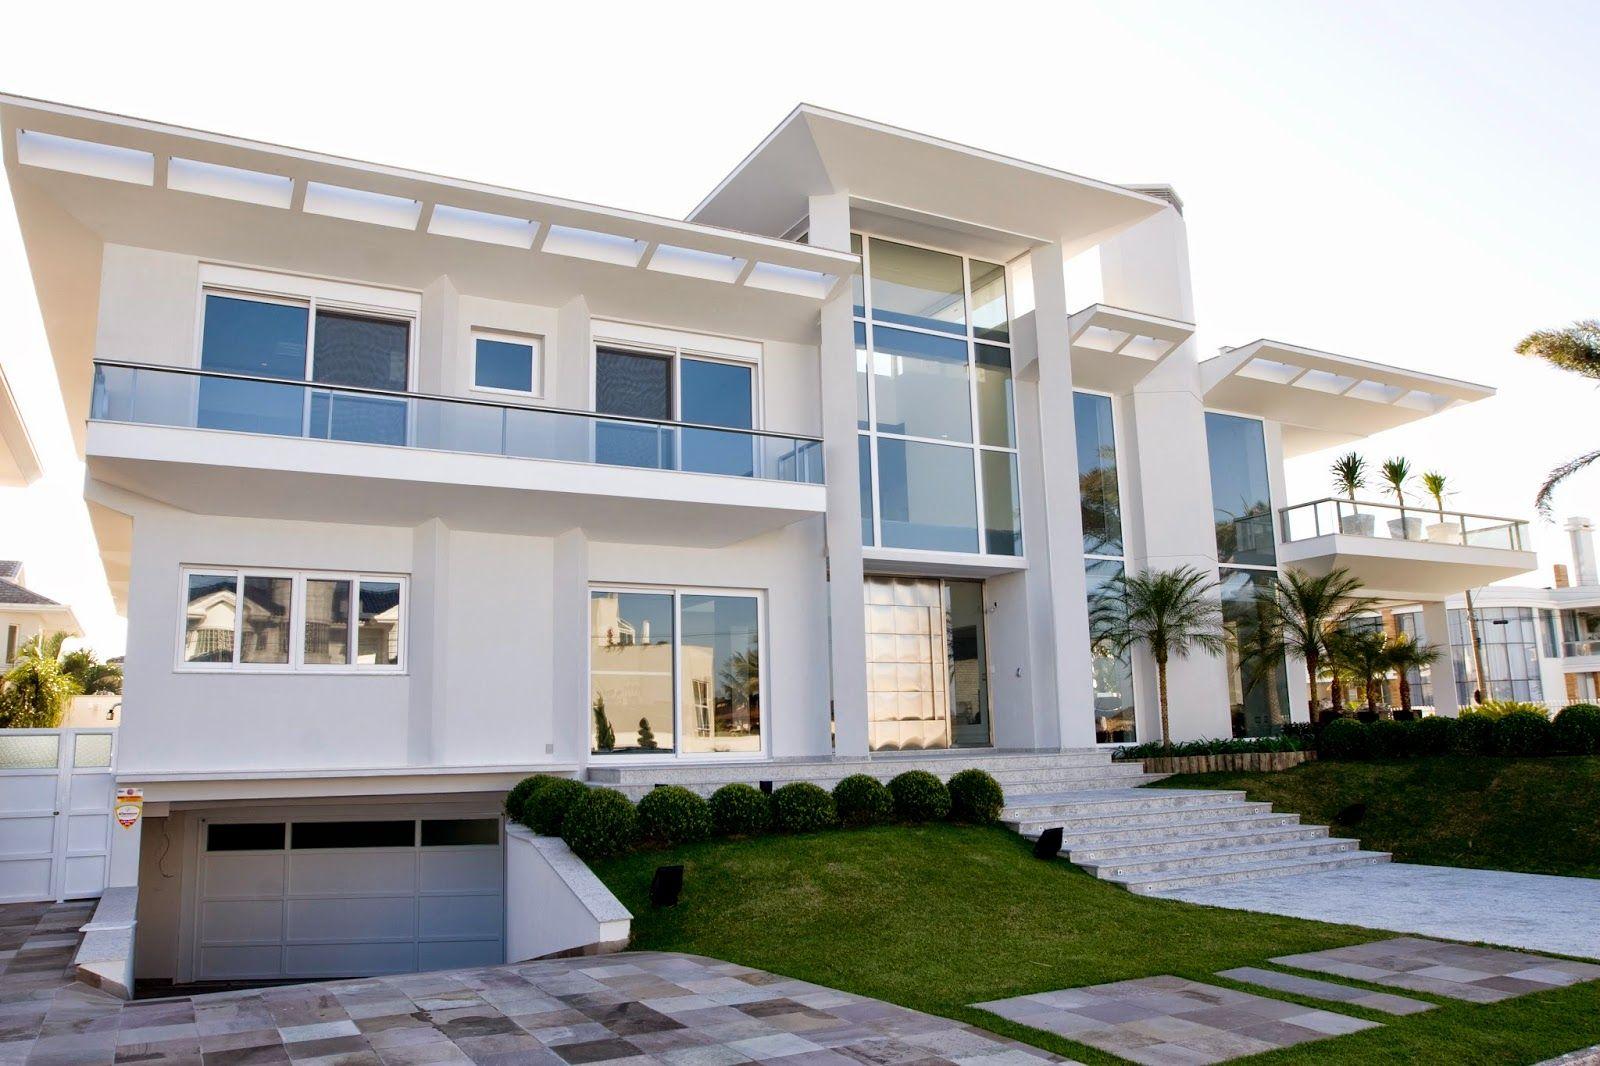 Fachadas de casas com escadas na frente veja entradas lindas e modernas rea de lazer - Entrada de casas modernas ...